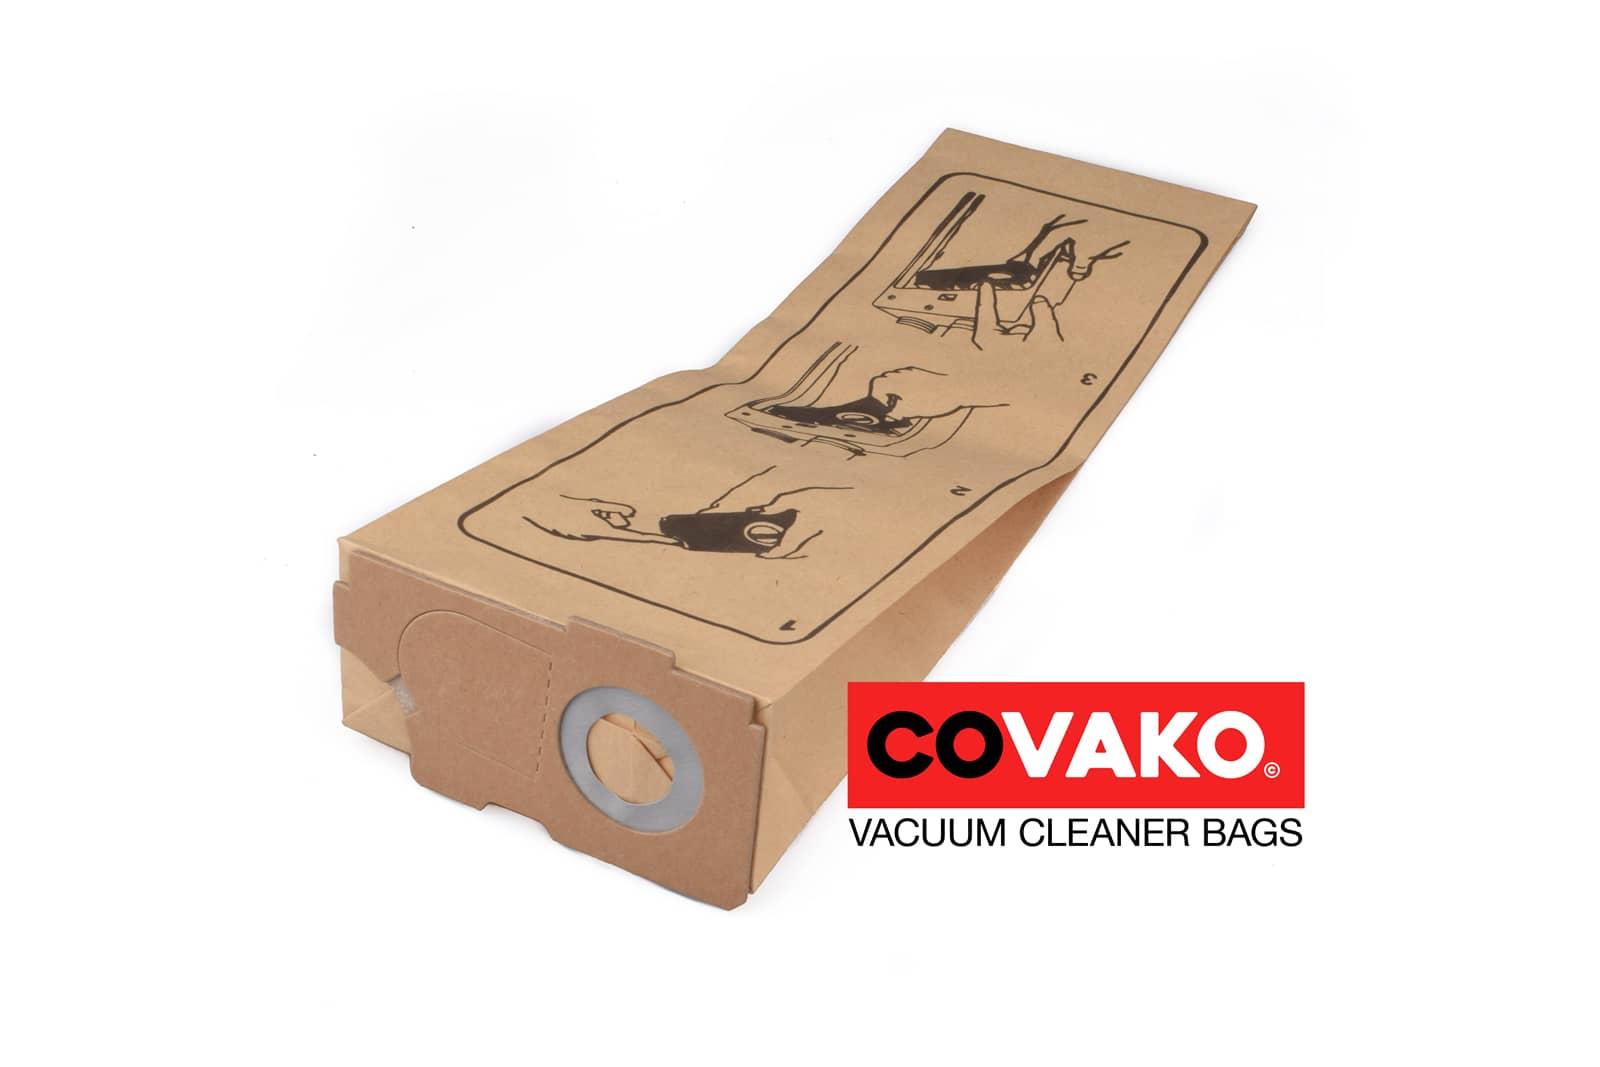 Kärcher CV 36/2 / Papier - Kärcher sacs d'aspirateur